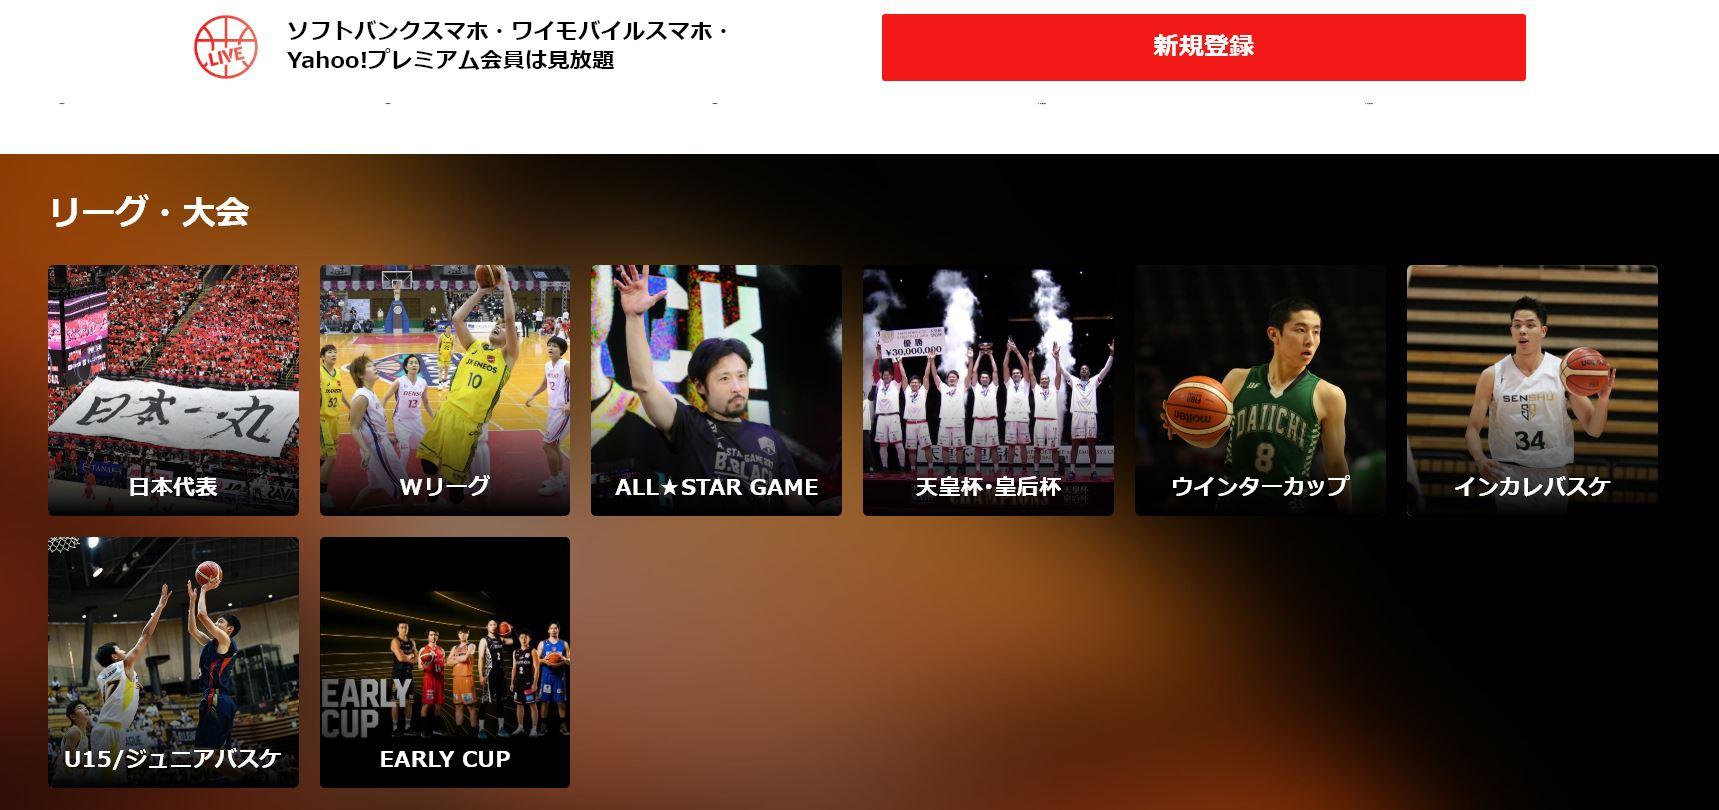 バスケットLIVEでは数多くの国内バスケの試合が配信されている